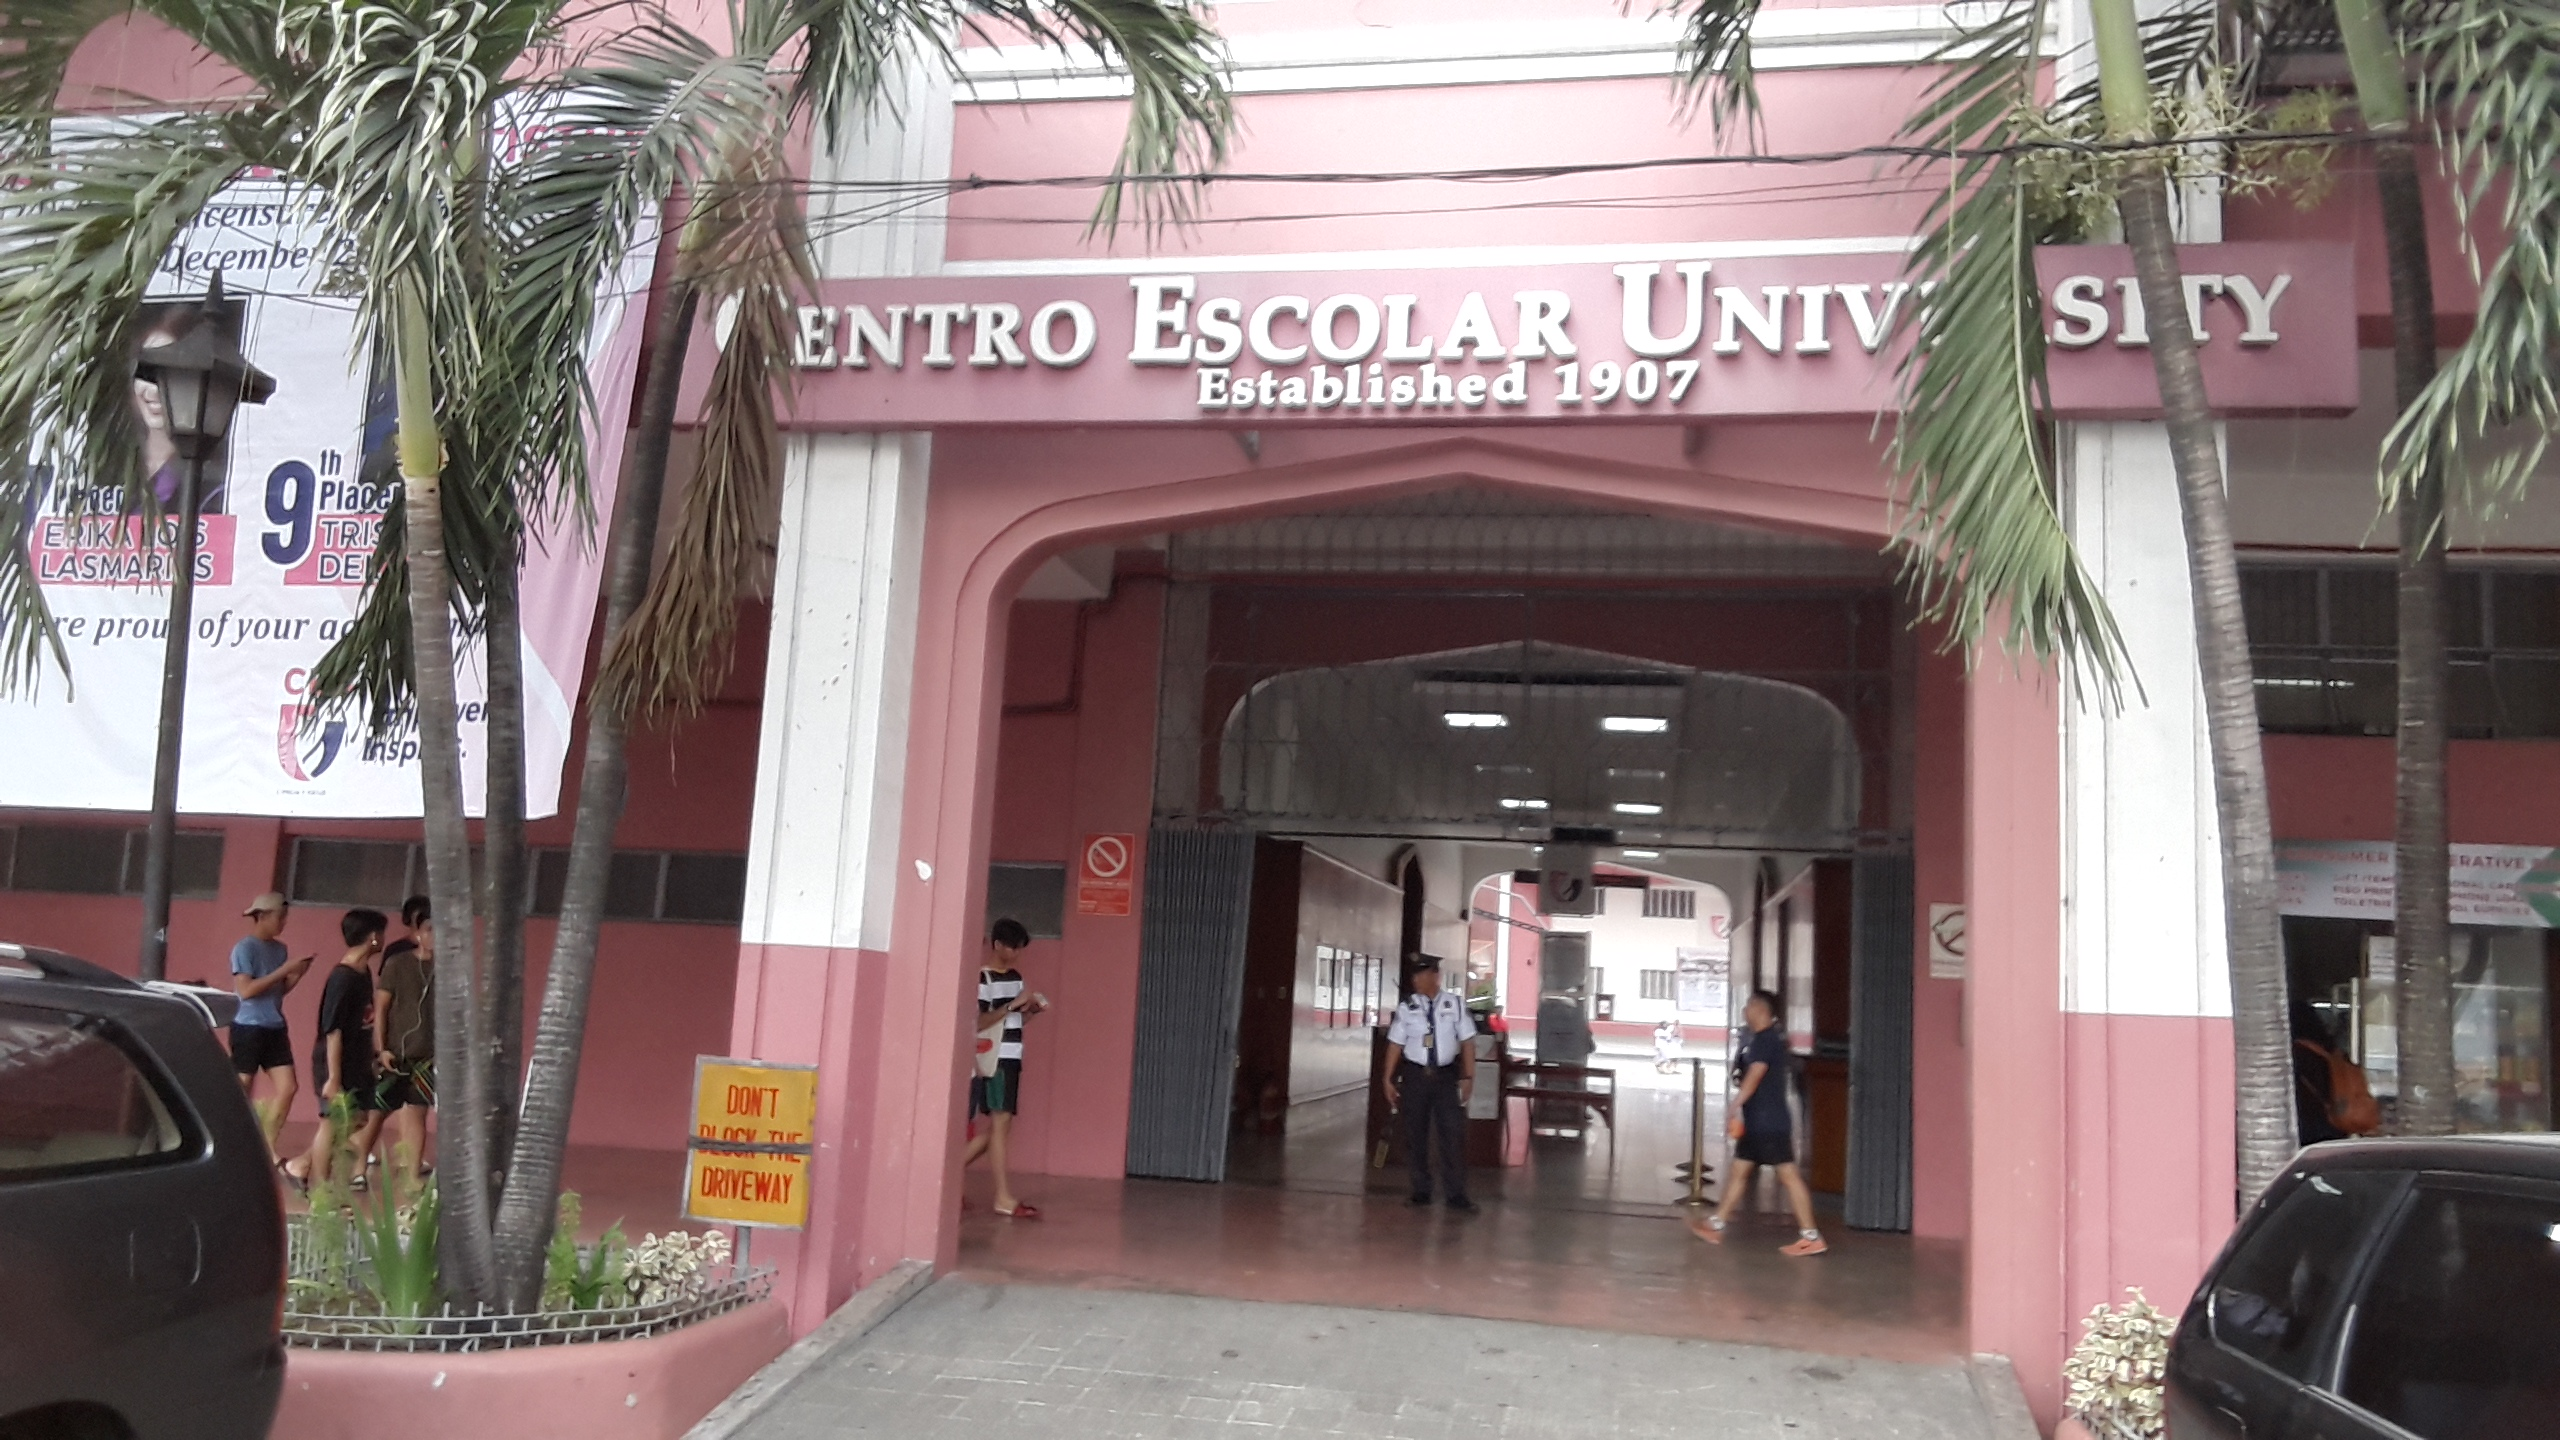 セントロエスカラー大学(Centro Escolar University )